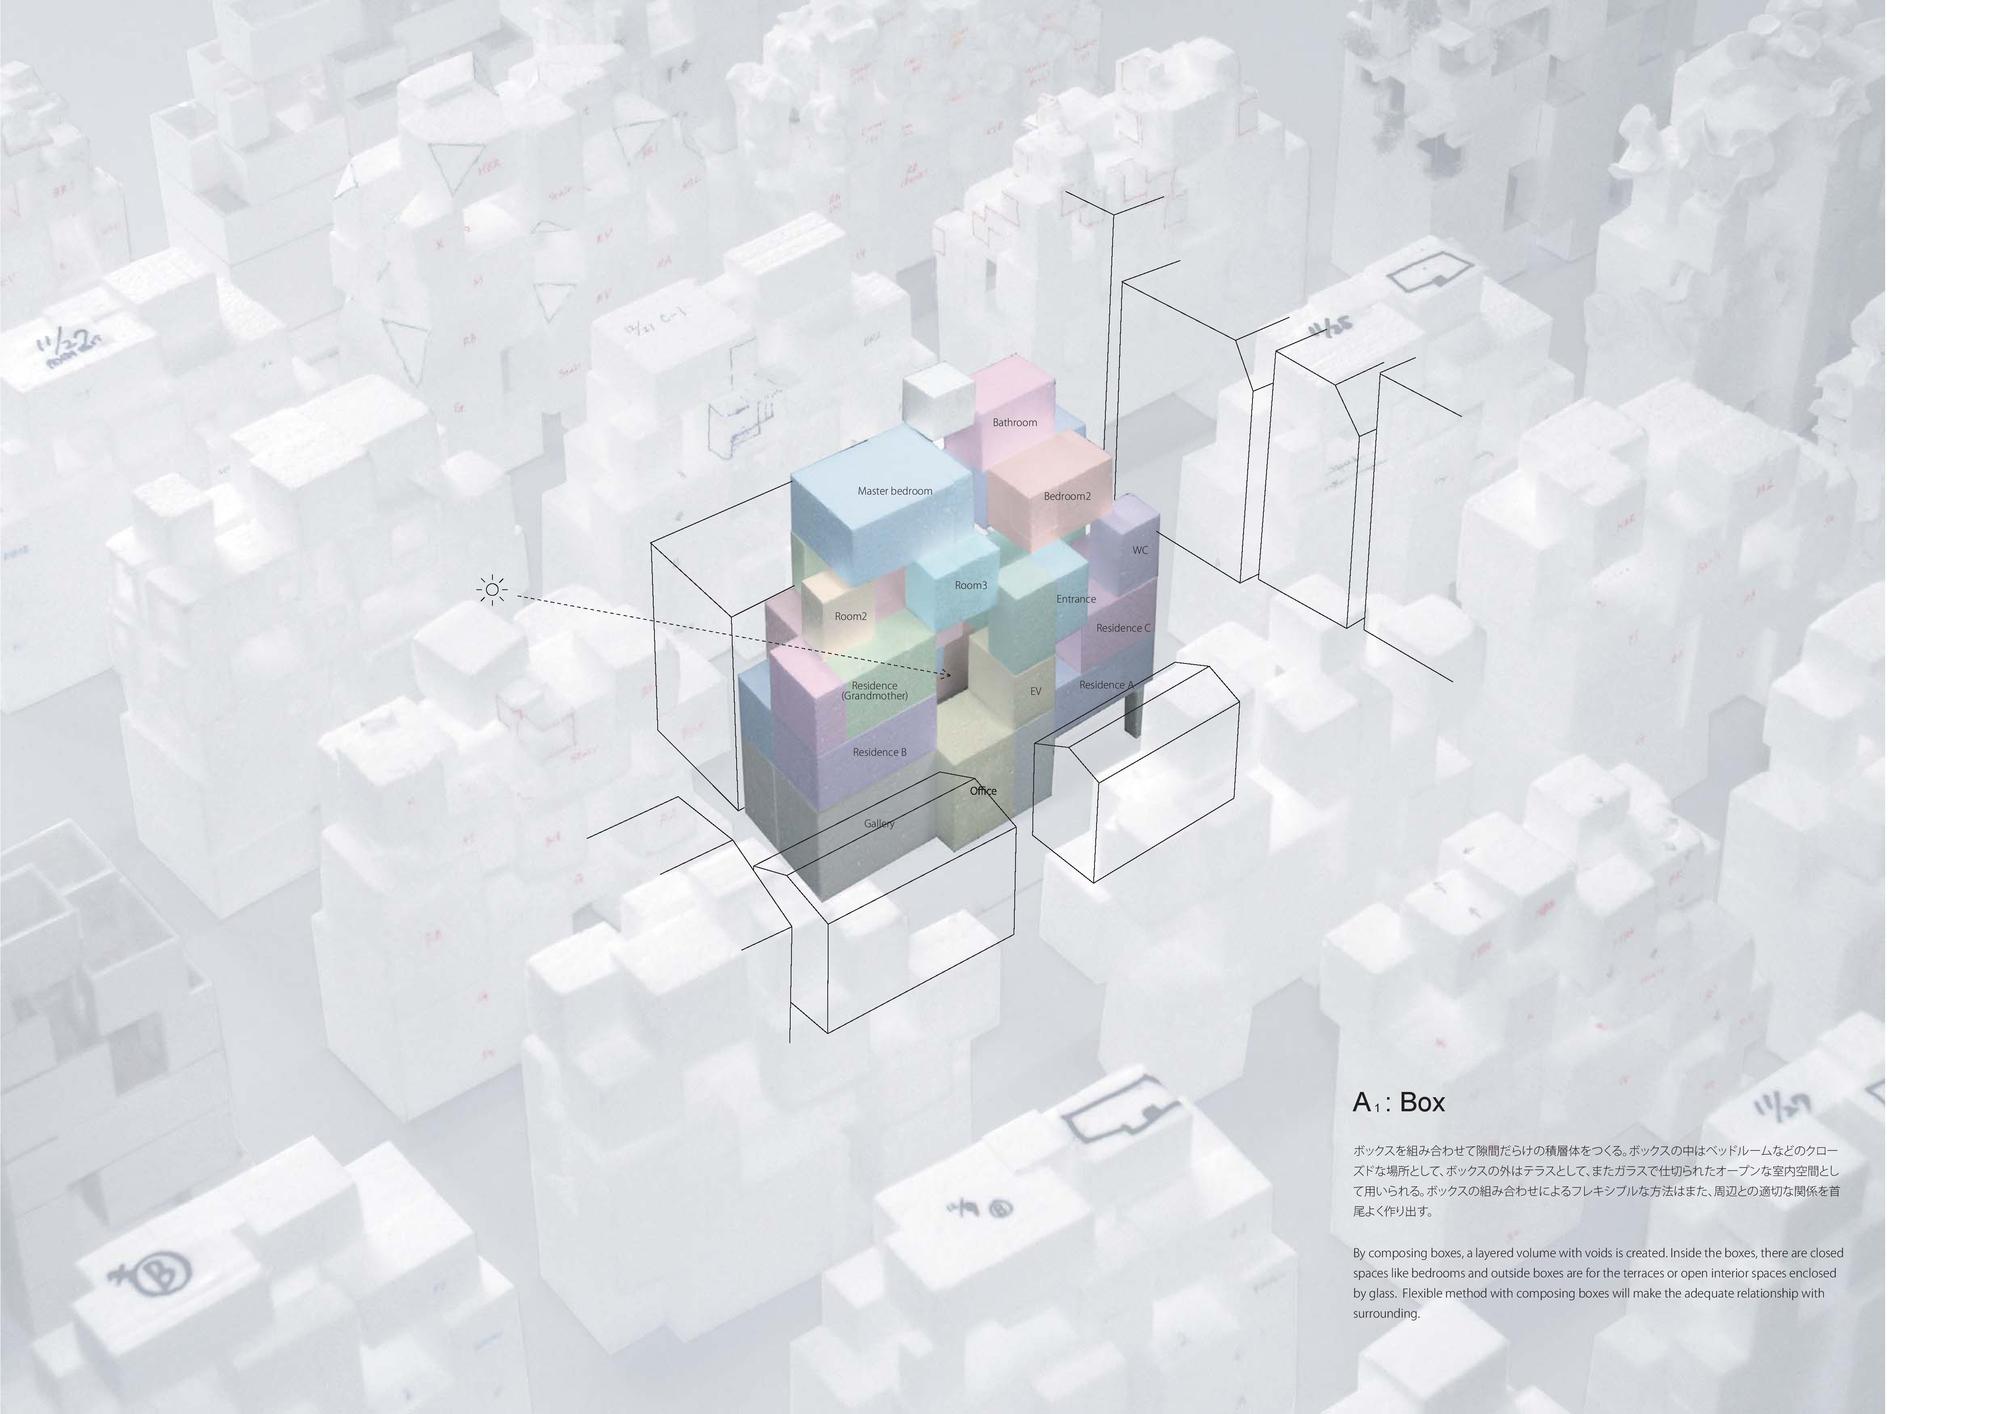 m2 _Concept_A1_Box_0001.jpg